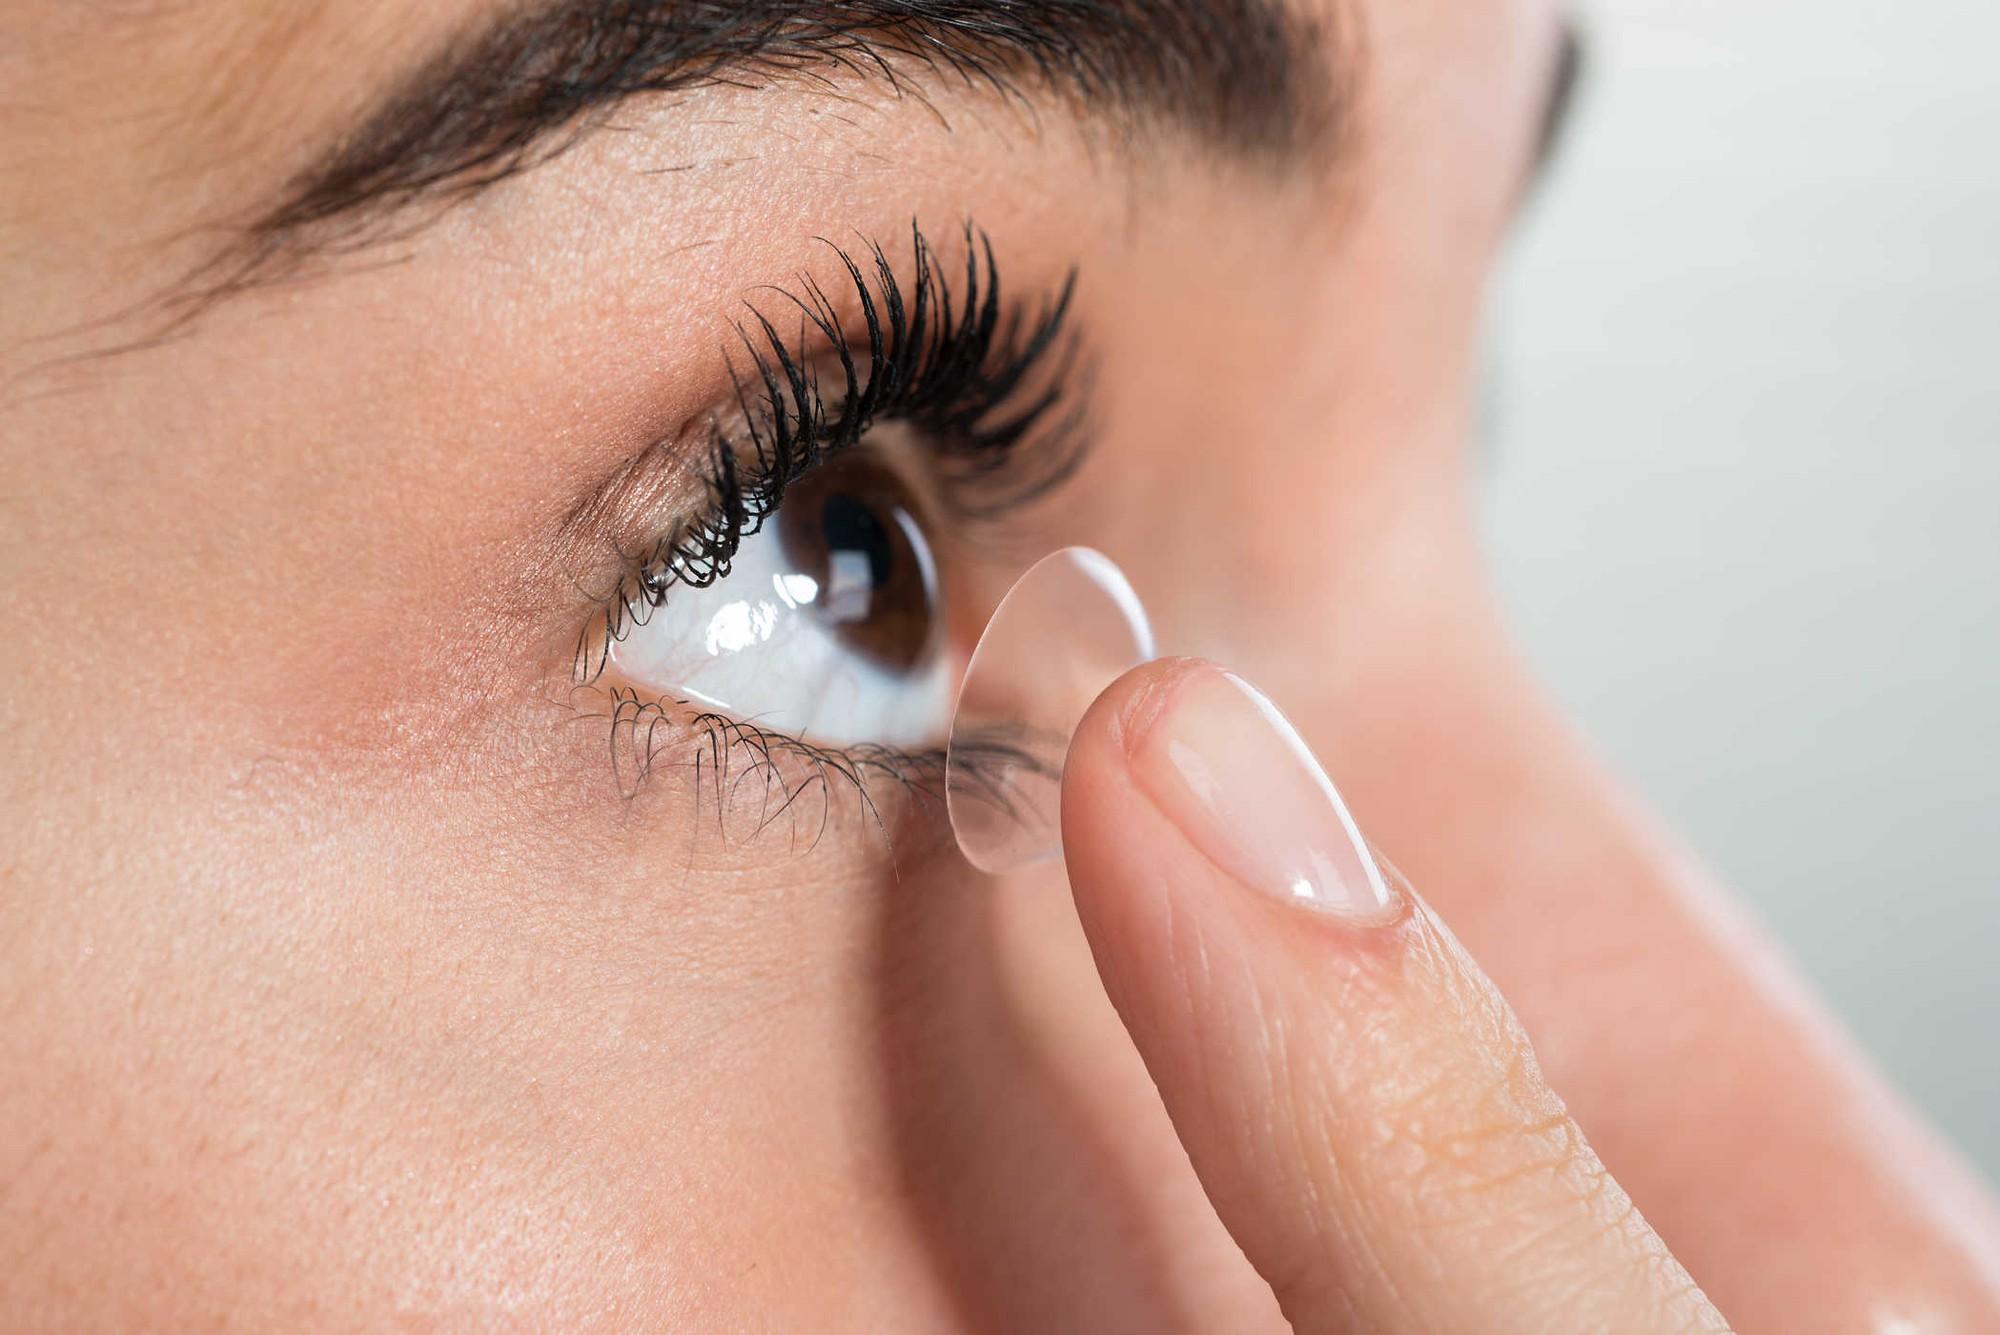 Nhiều người gặp phải tình trạng ngứa khóe mắt nhưng không biết rõ nguyên nhân đến từ đâu - Ảnh 3.